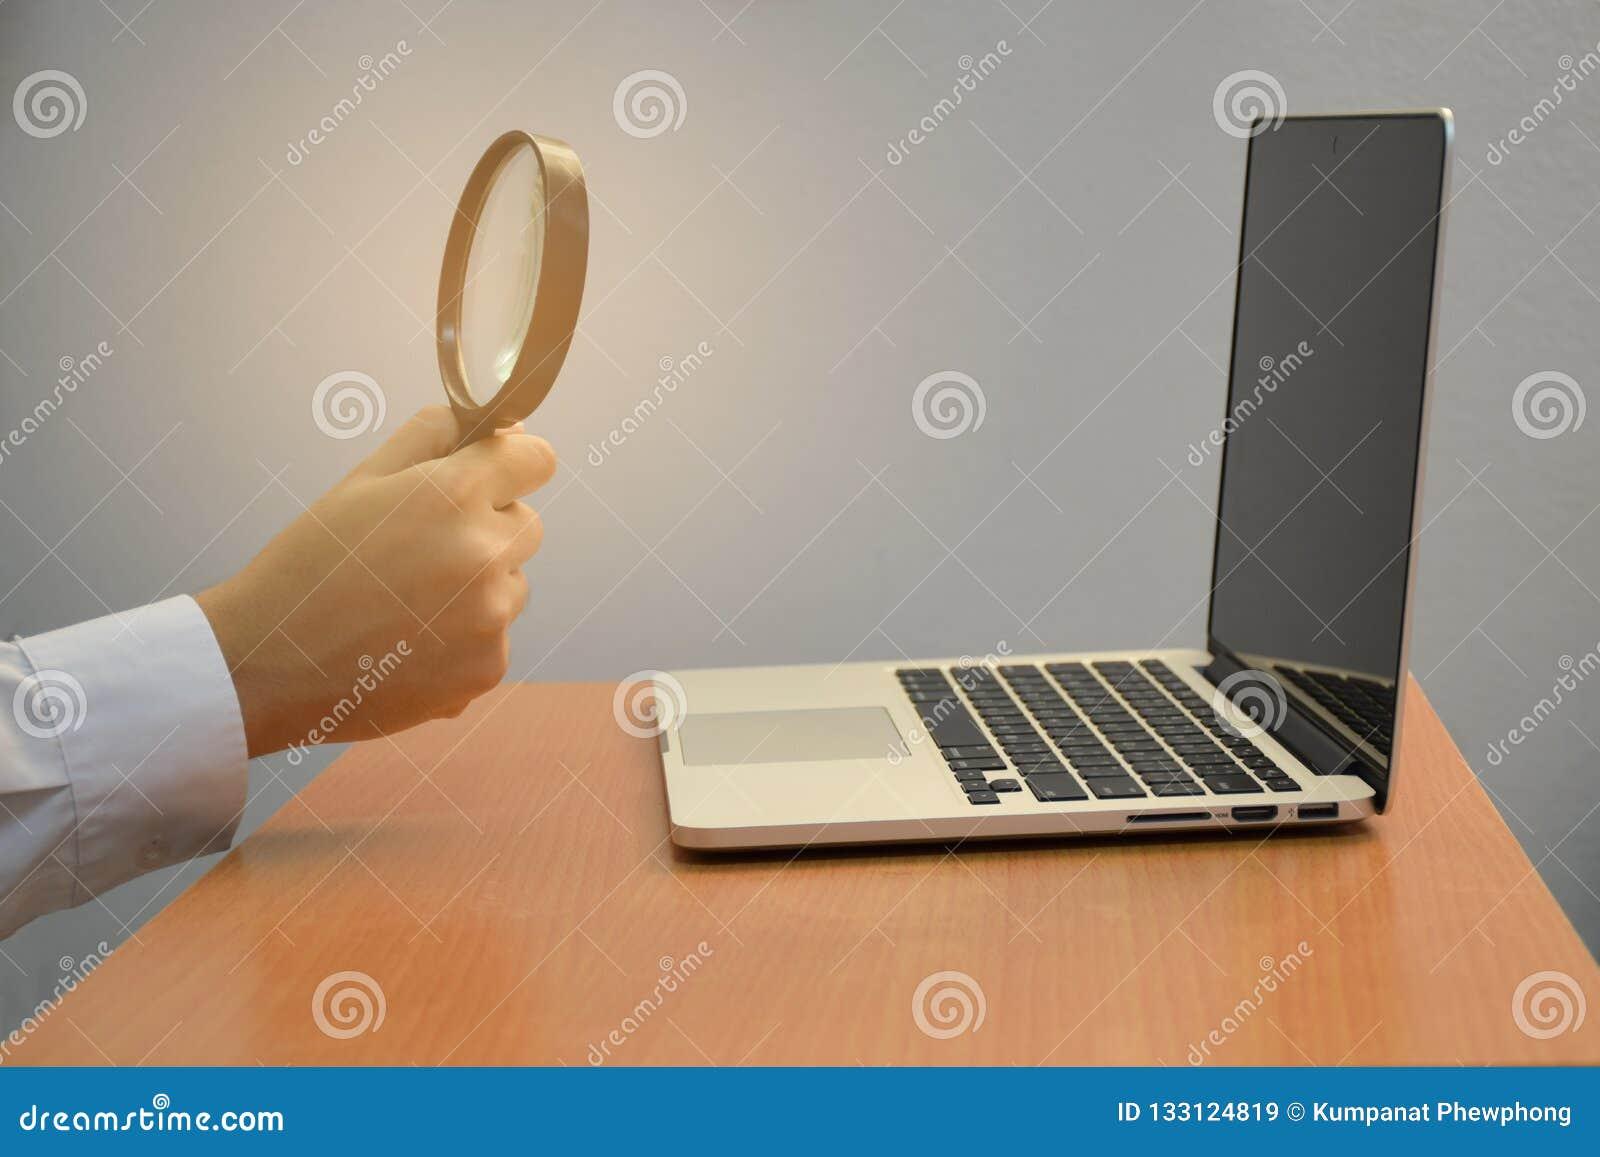 Holding-Lupensuche des Geschäfts männliche Handund Laptop oder Computer für kreatives Konzept der Idee